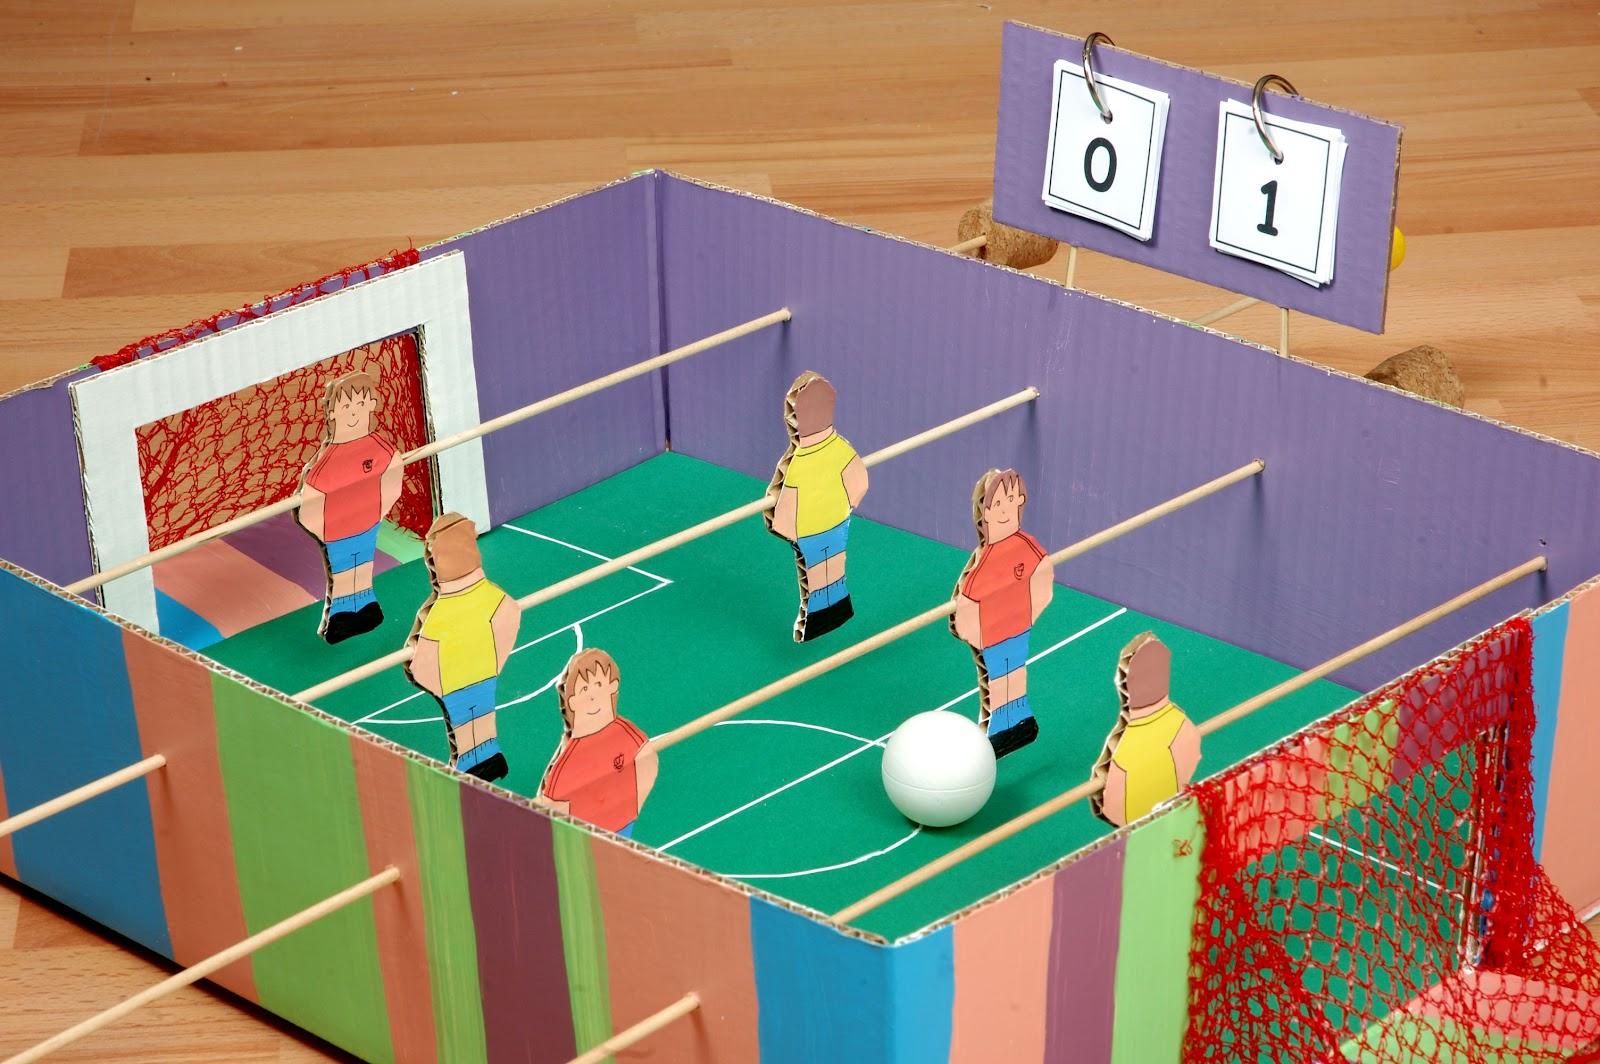 El taller de pepa un futbol n hecho en casa - Futbolines para casa ...